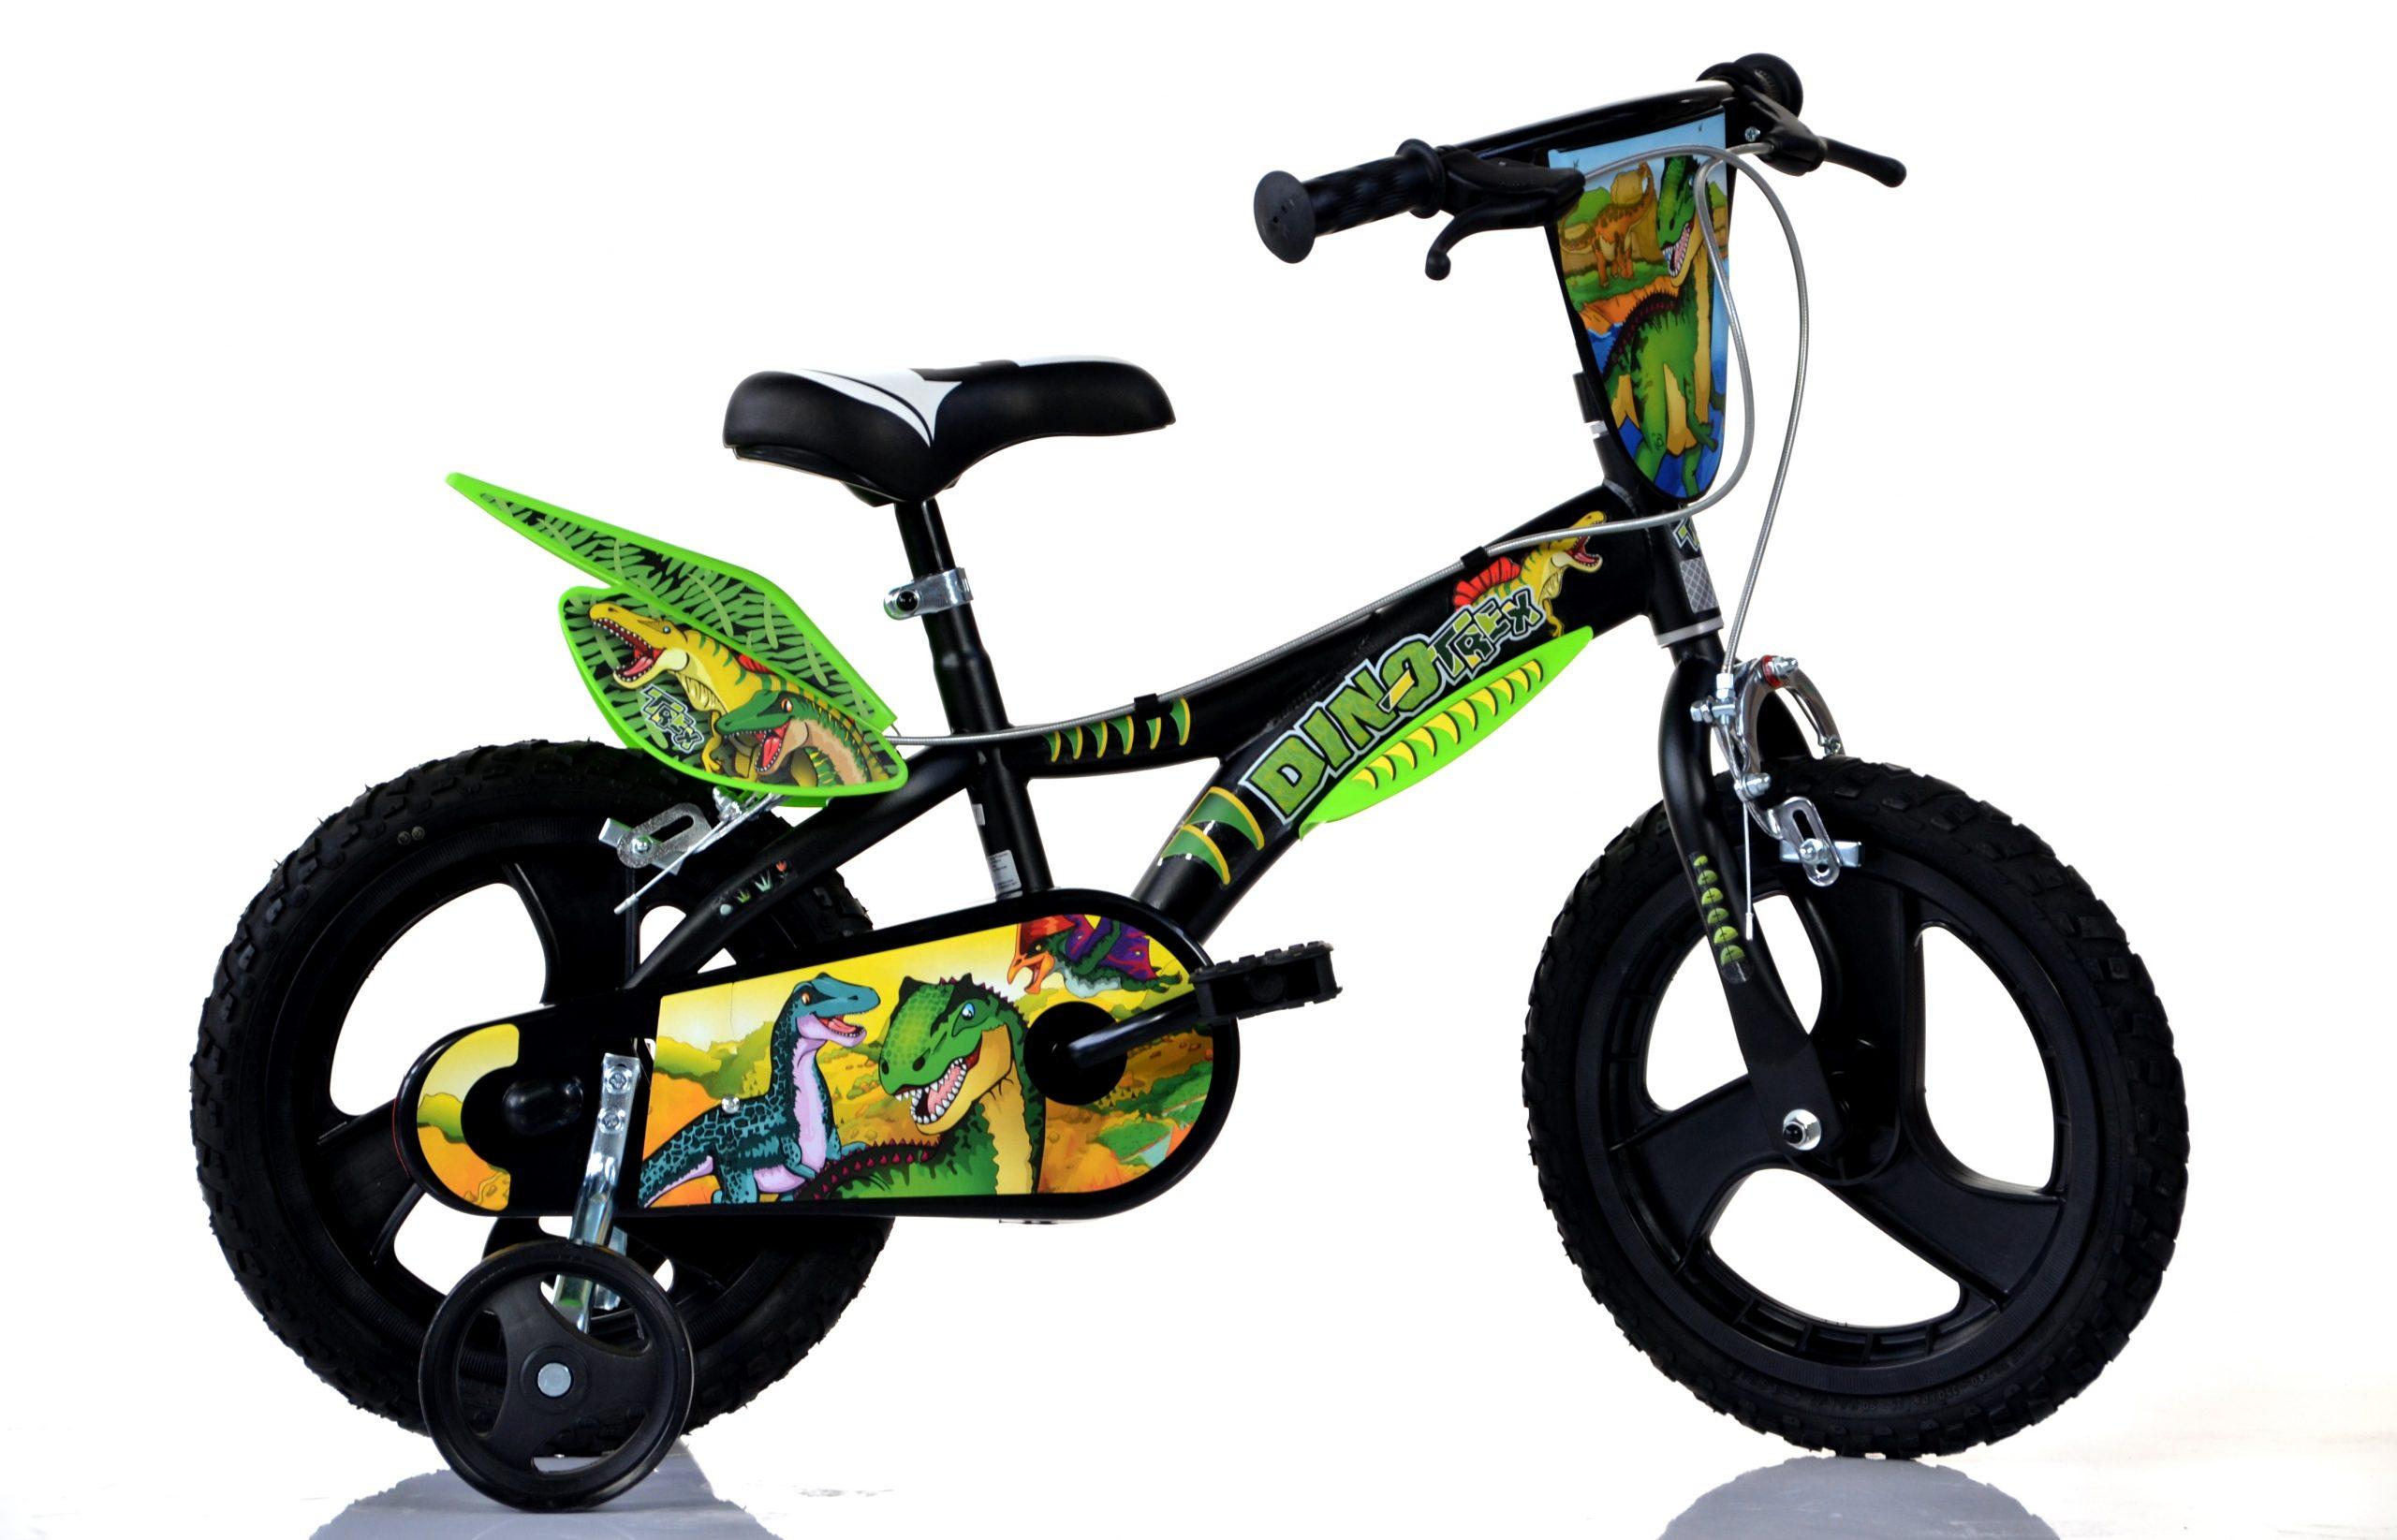 Biciclette Per Bambini Carrefour